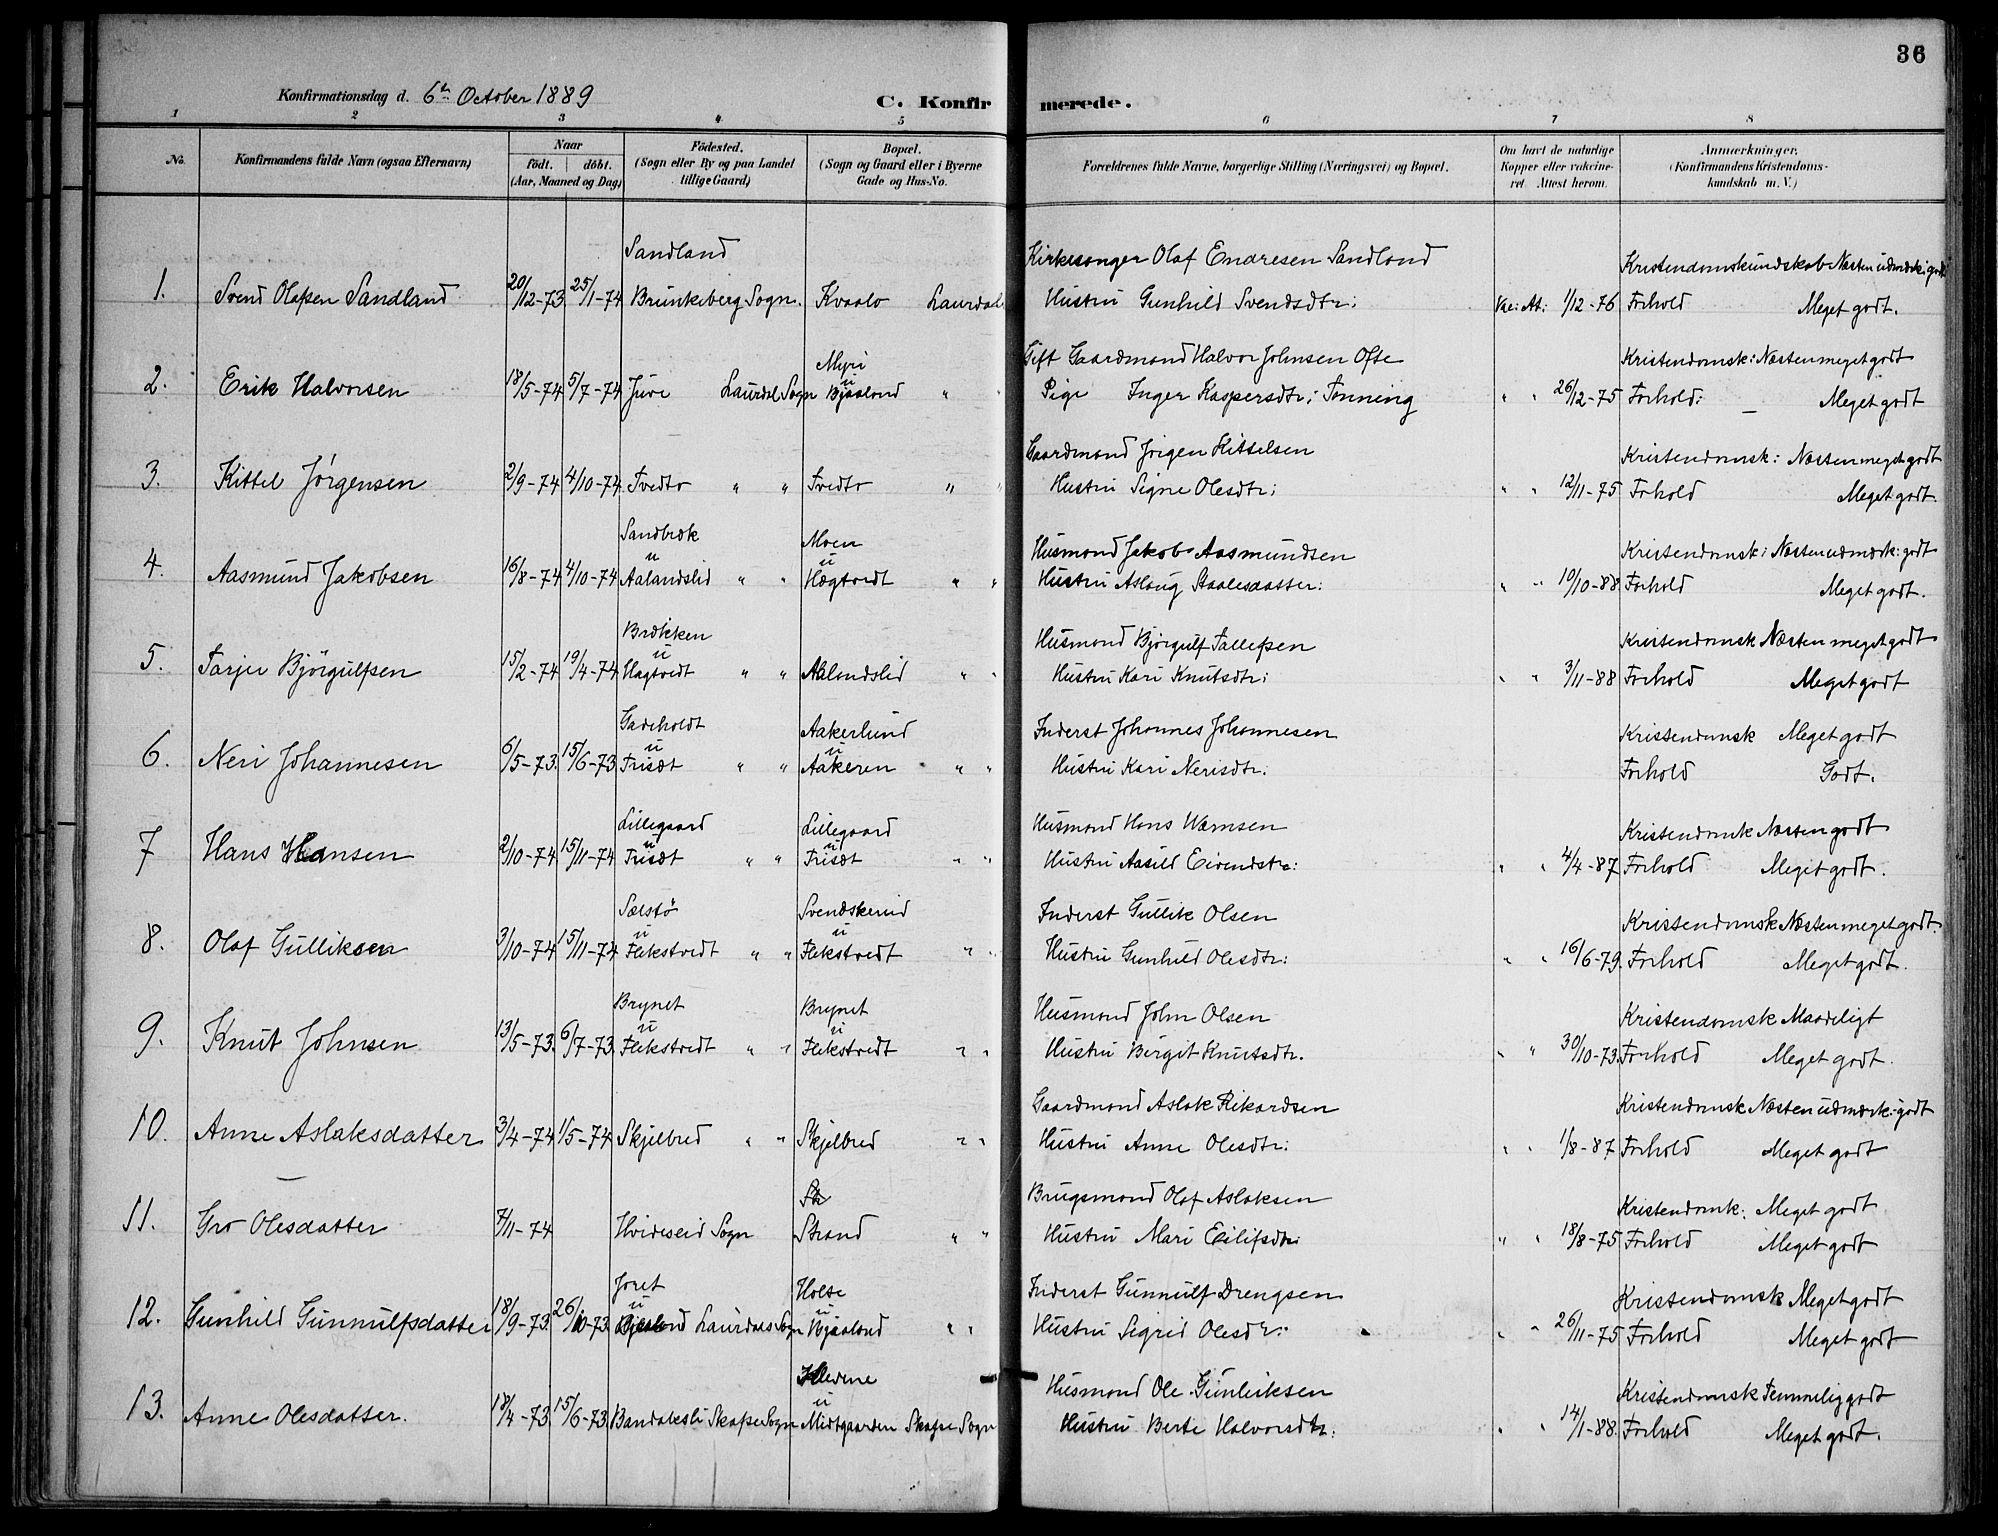 SAKO, Lårdal kirkebøker, F/Fa/L0007: Ministerialbok nr. I 7, 1887-1906, s. 36